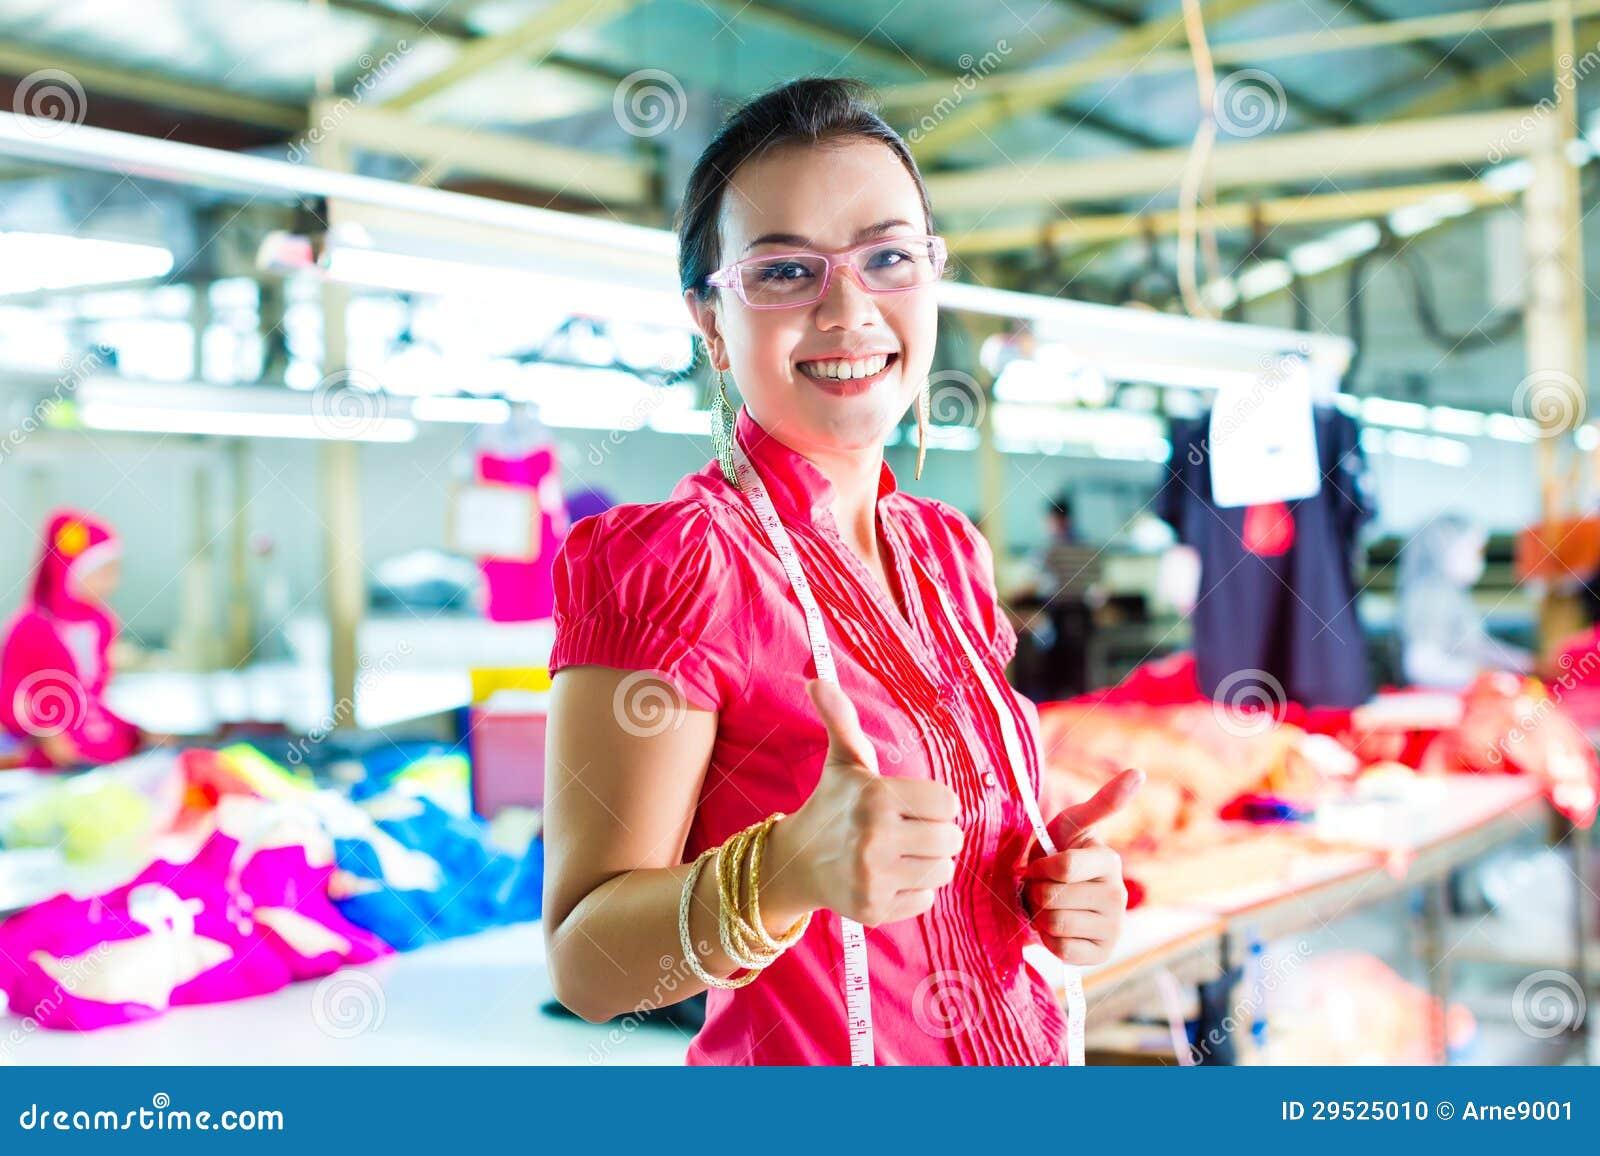 Costureira asiática em uma fábrica de matéria têxtil